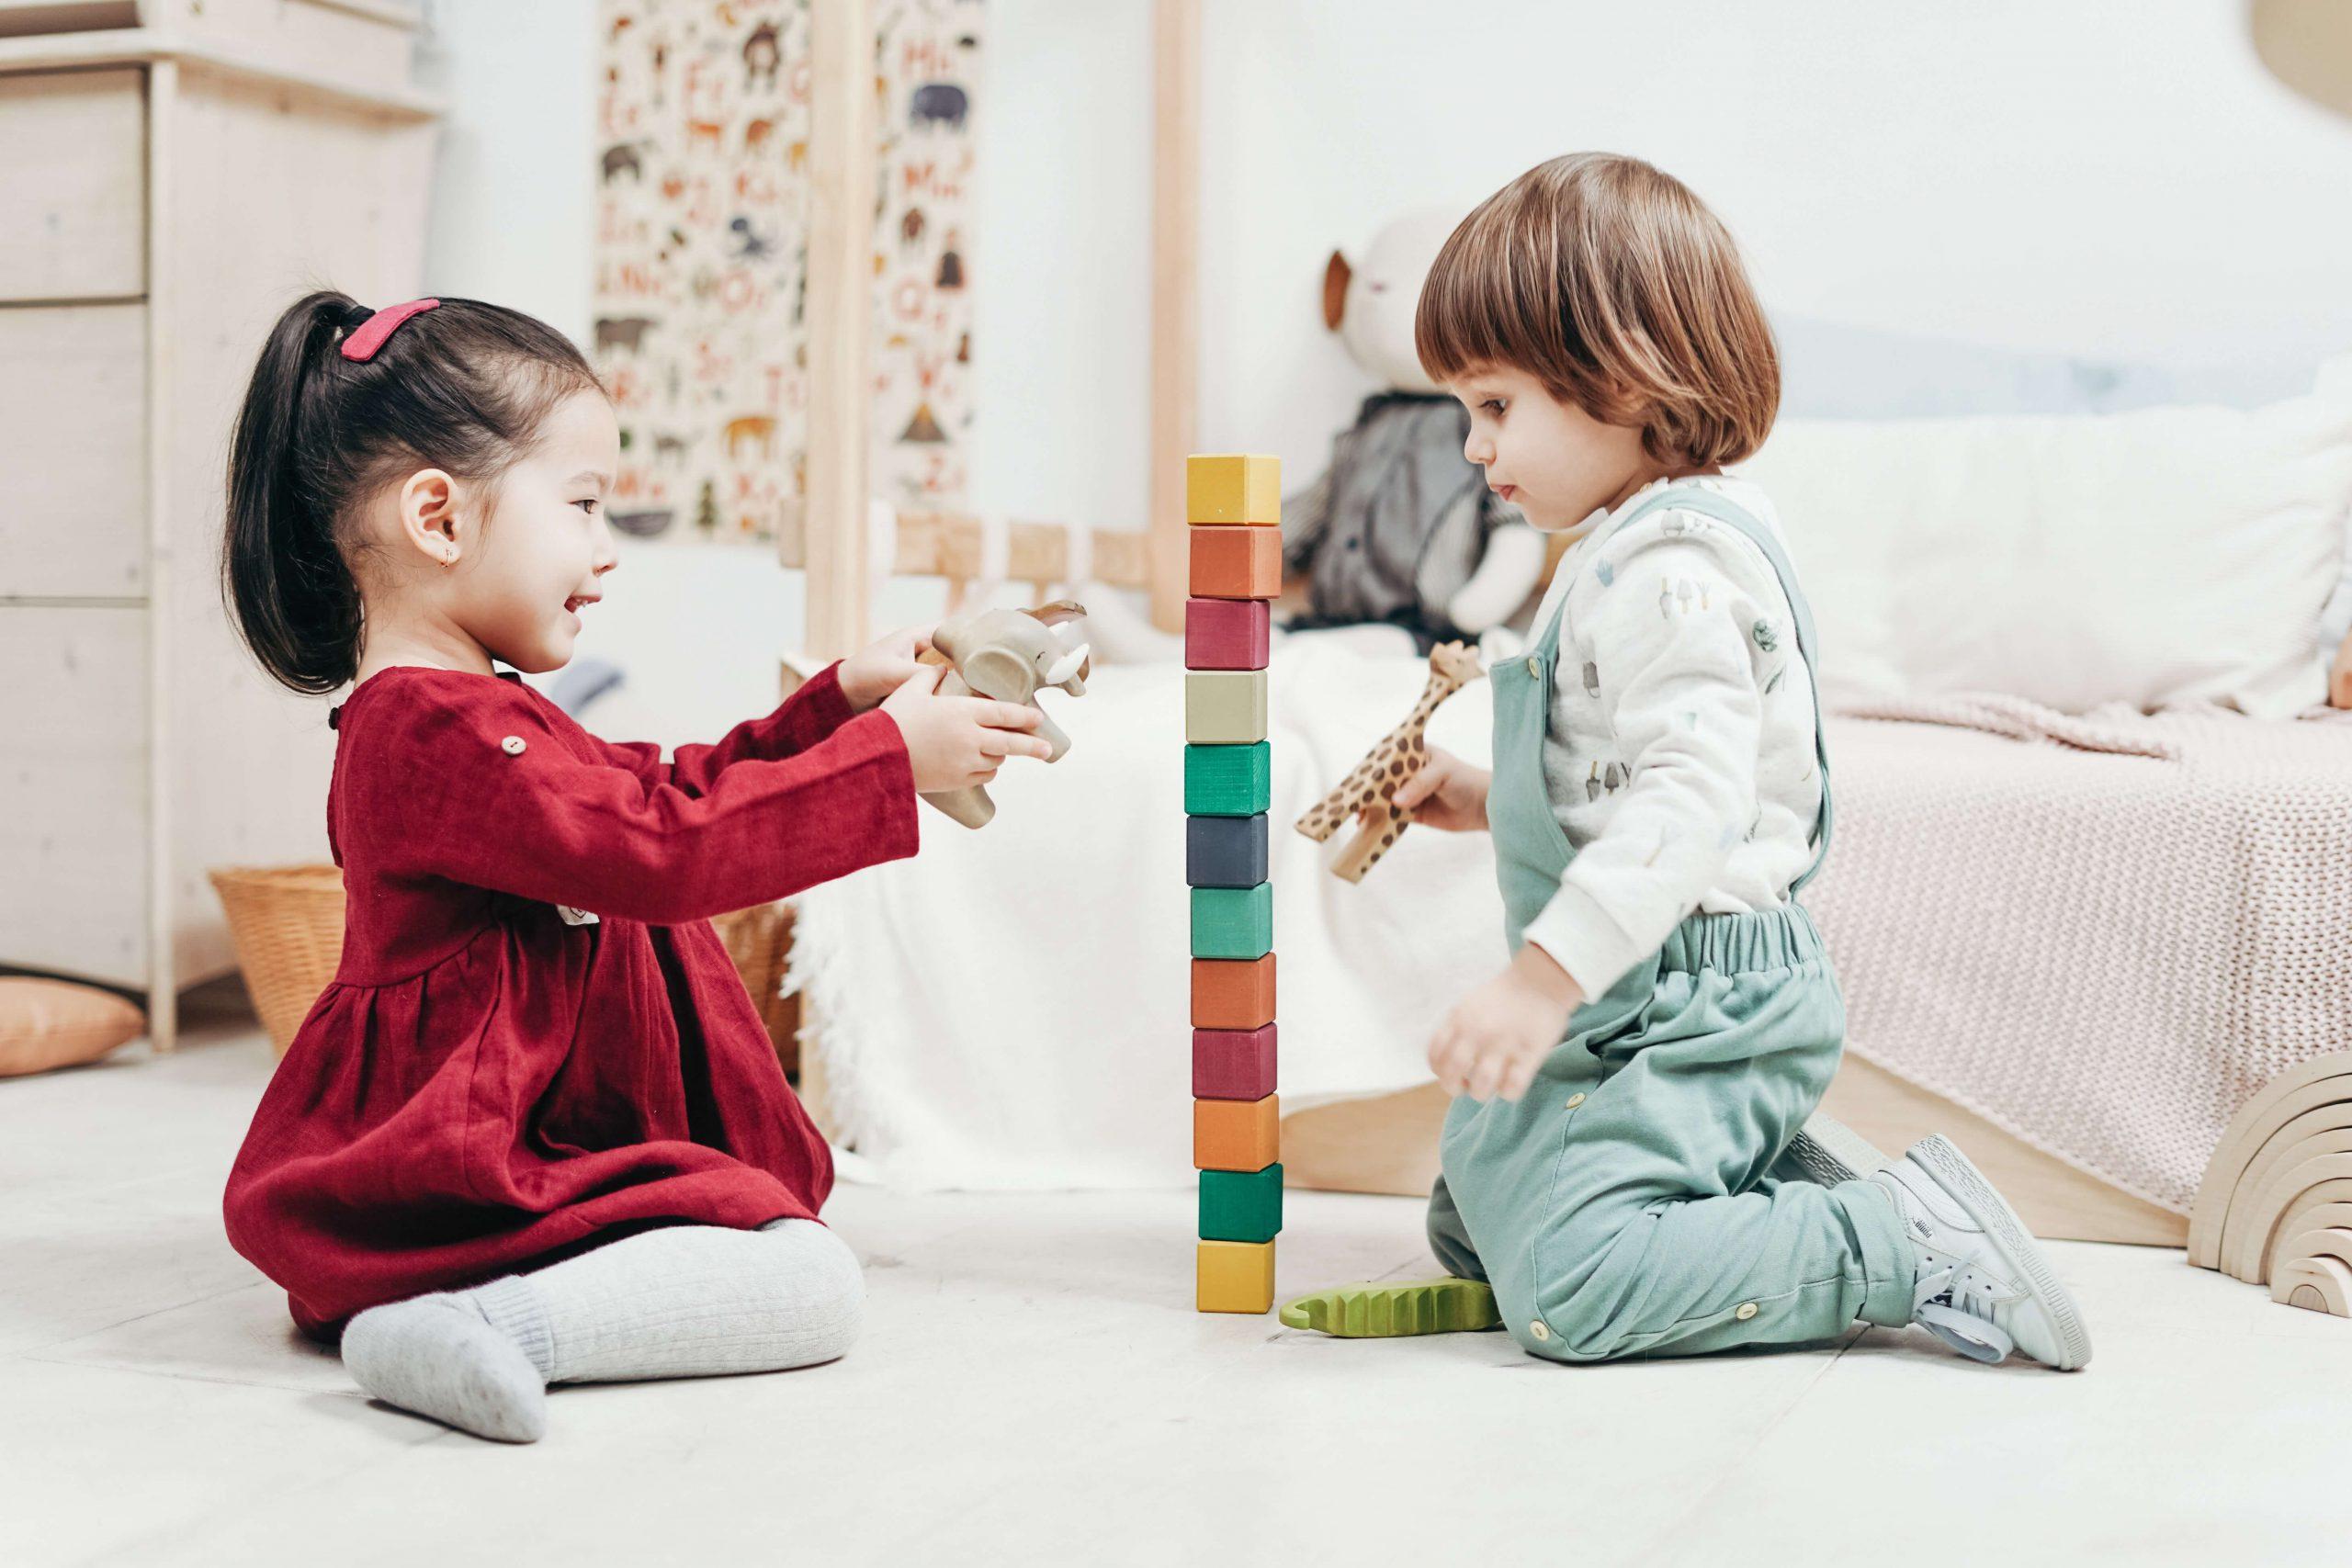 De rol van spellen in de ontwikkeling van kinderen